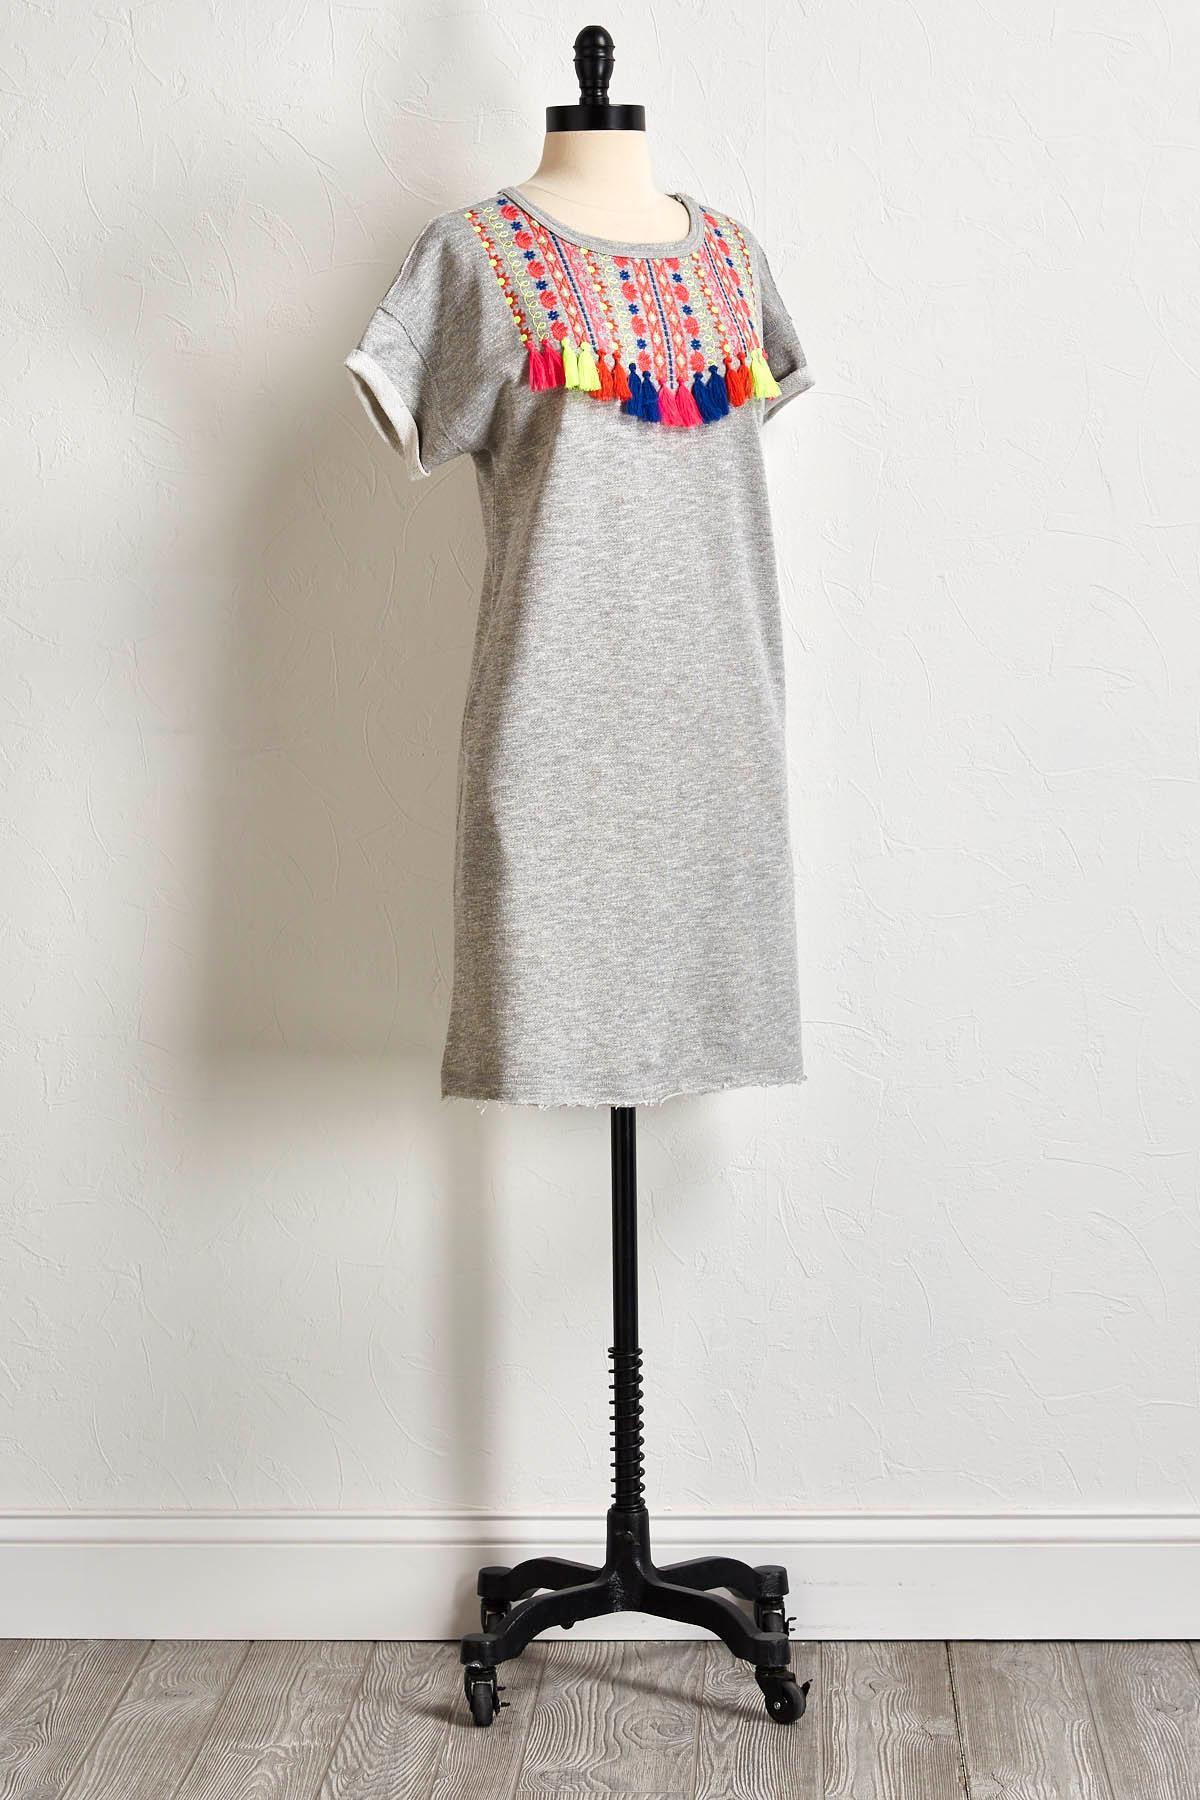 Neon Embellished Sweatshirt Dress